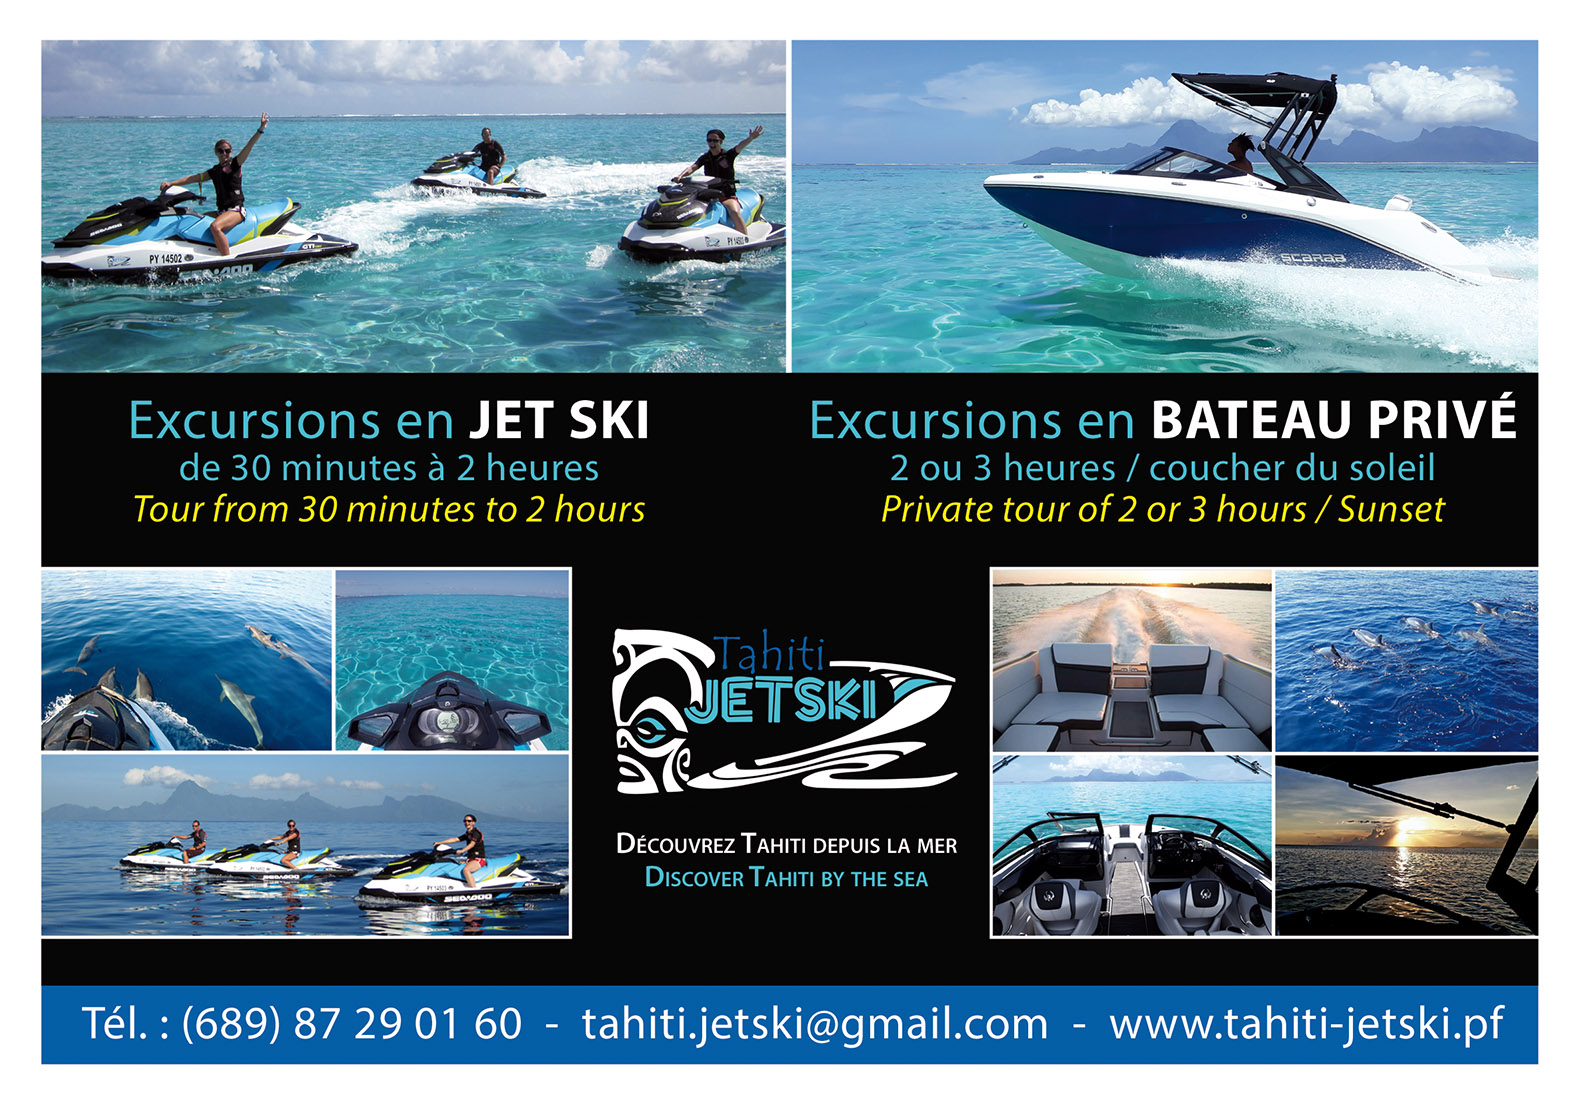 https://tahititourisme.kr/wp-content/uploads/2017/08/Tahiti-Jet-Ski-190x130-sept-2.jpg